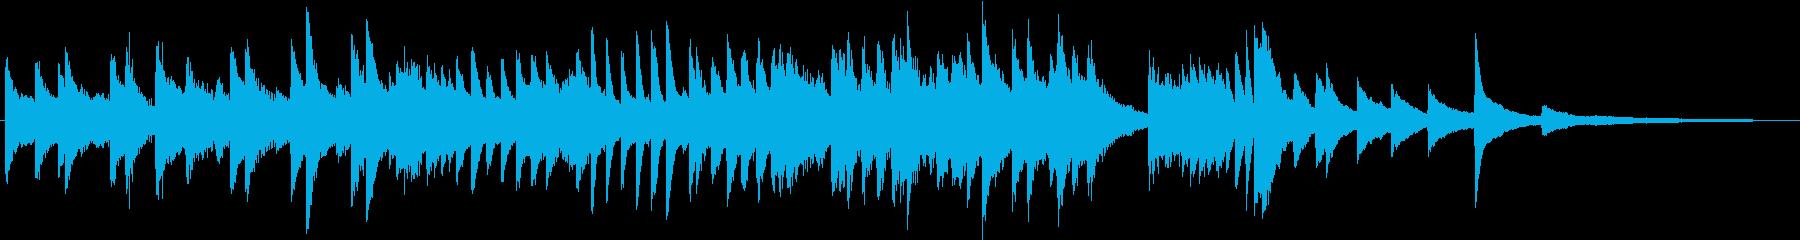 もろびとこぞりてのクリスマスピアノBGMの再生済みの波形